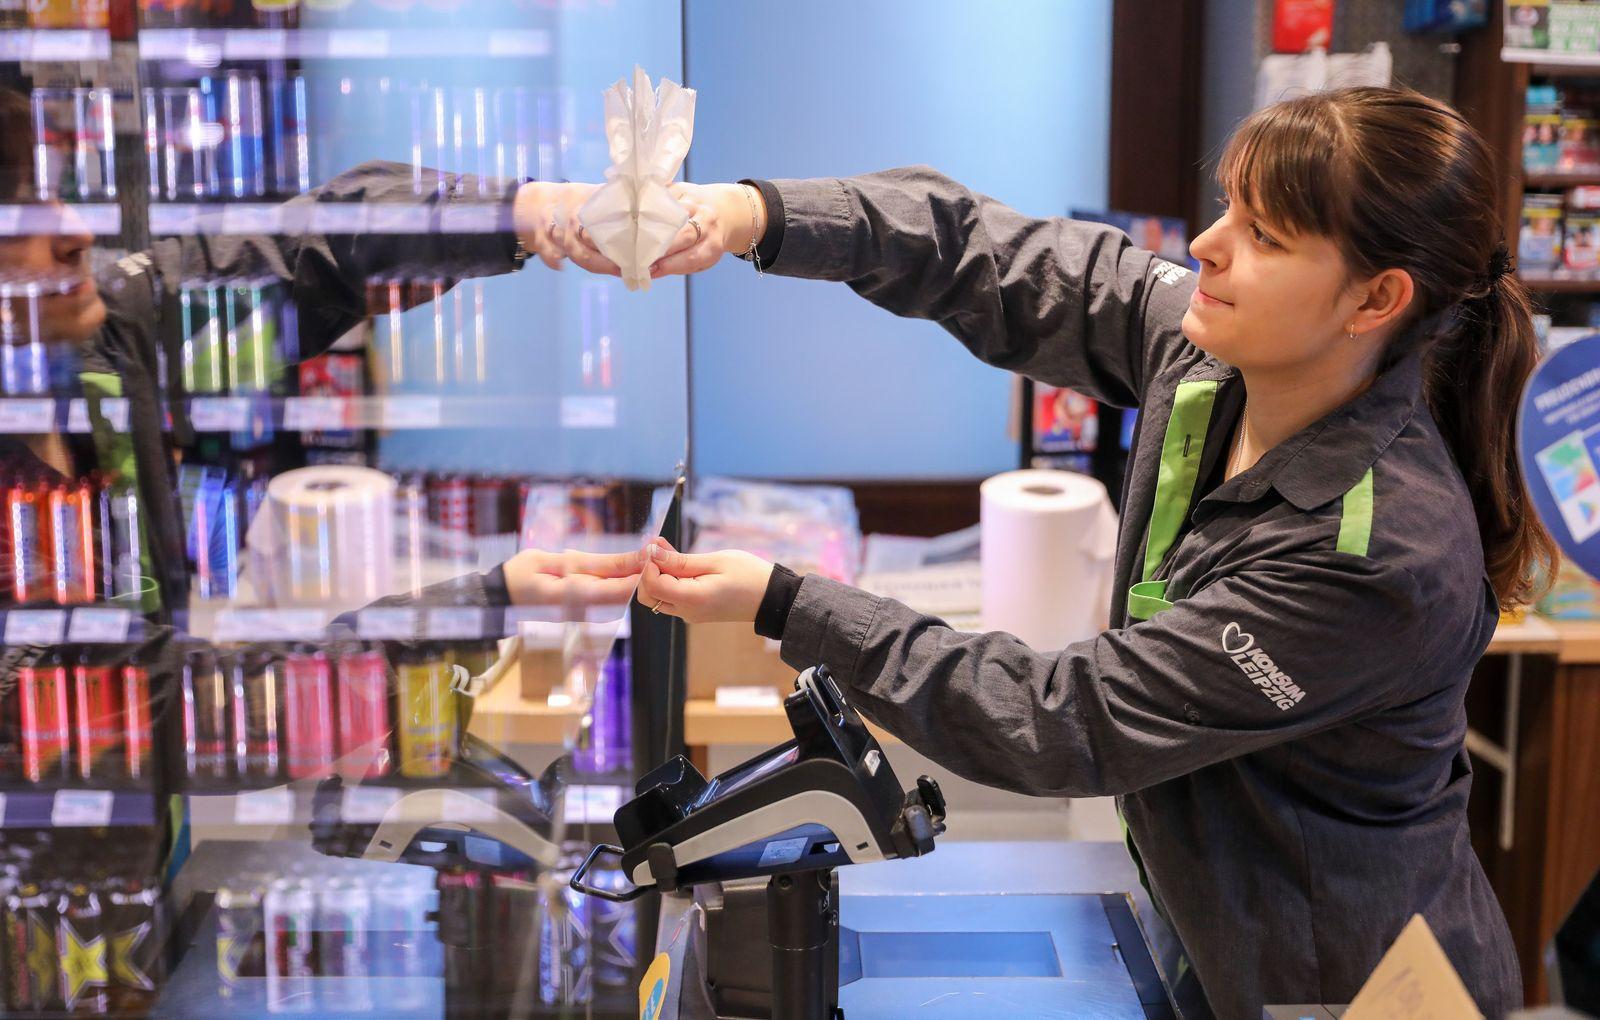 Supermarkt - Ort für Toilettenpapier, Nudeln und soziale Kontakte